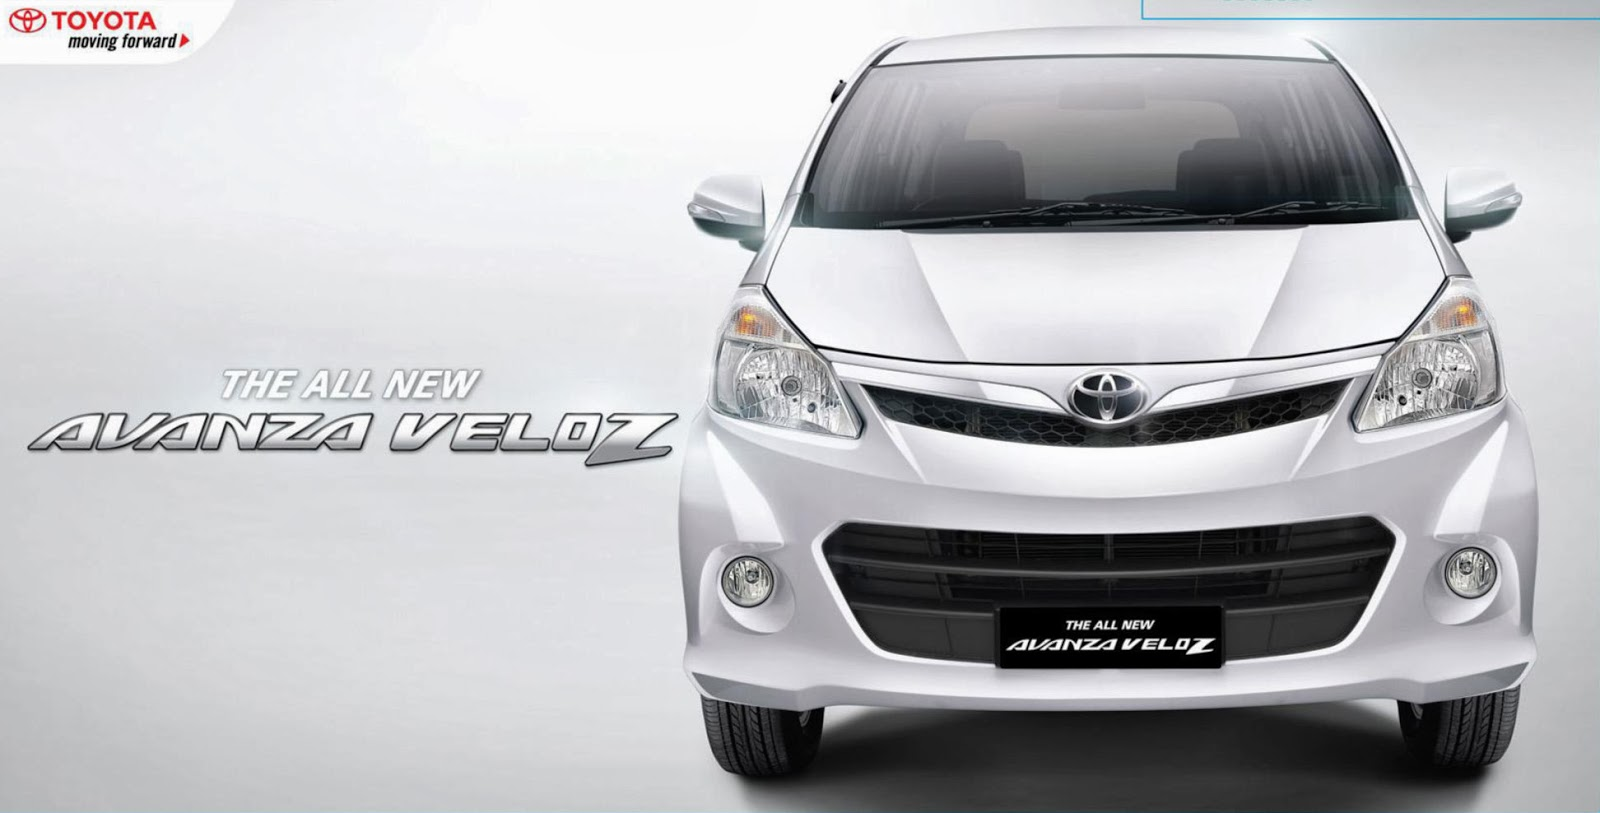 Spesifikasi dan Harga Mobil Toyota Avanza Veloz dan harganya